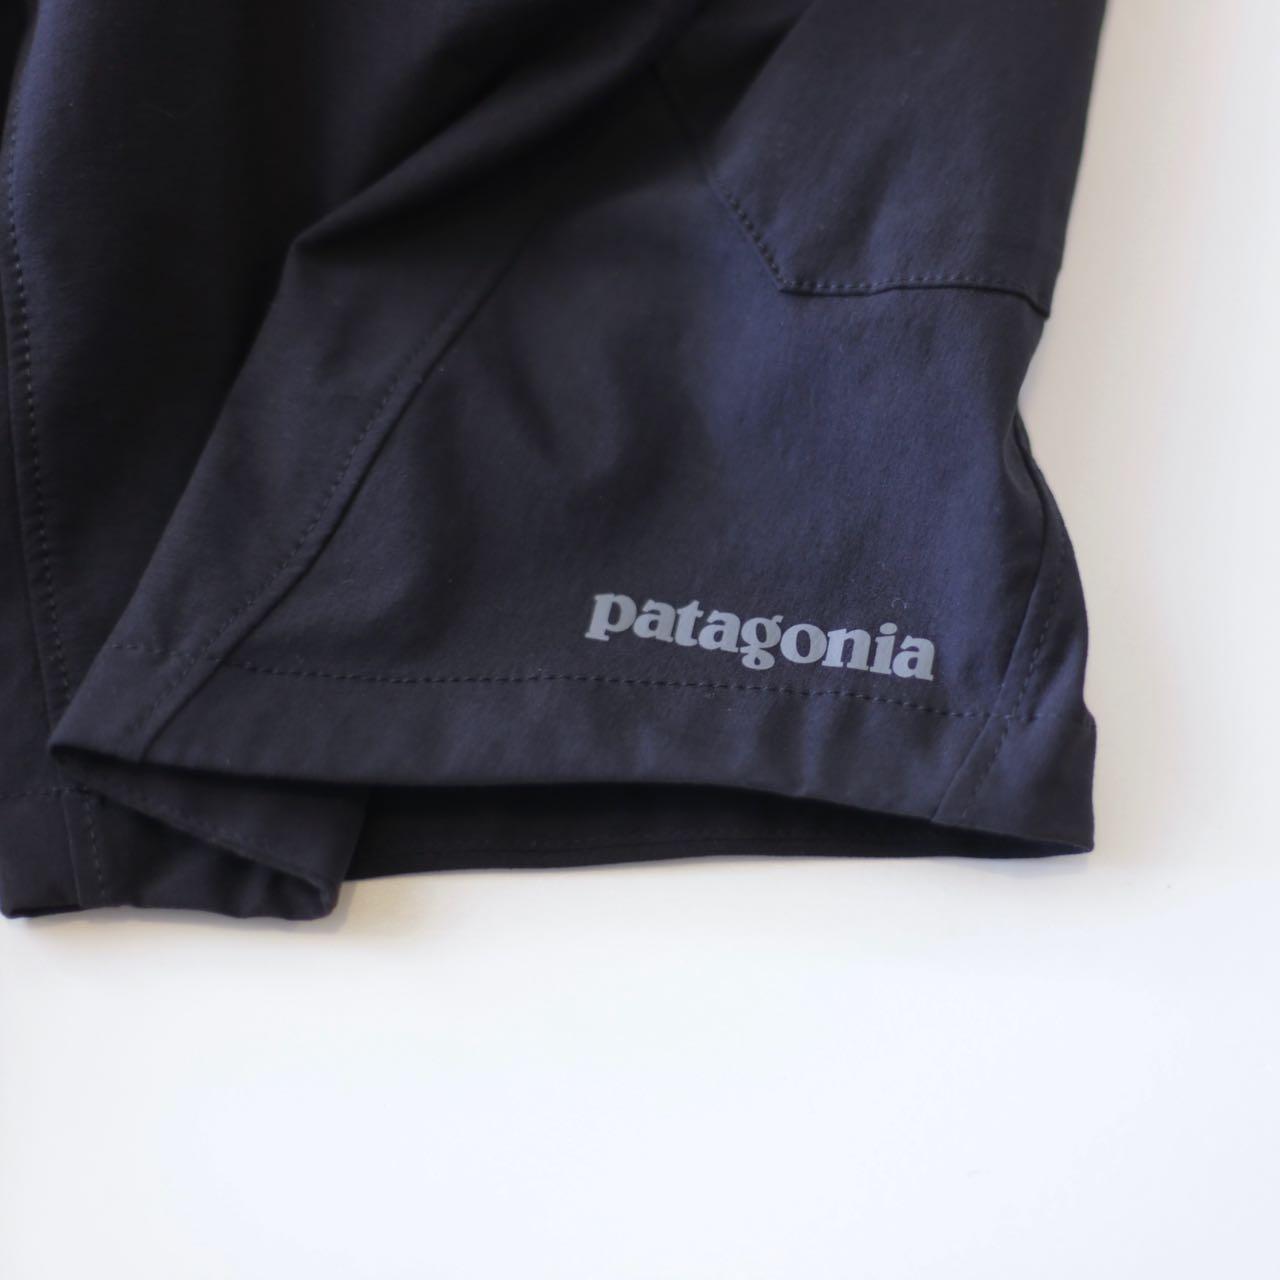 ダート クラフト バイク ショーツ #24577 patagonia パタゴニア